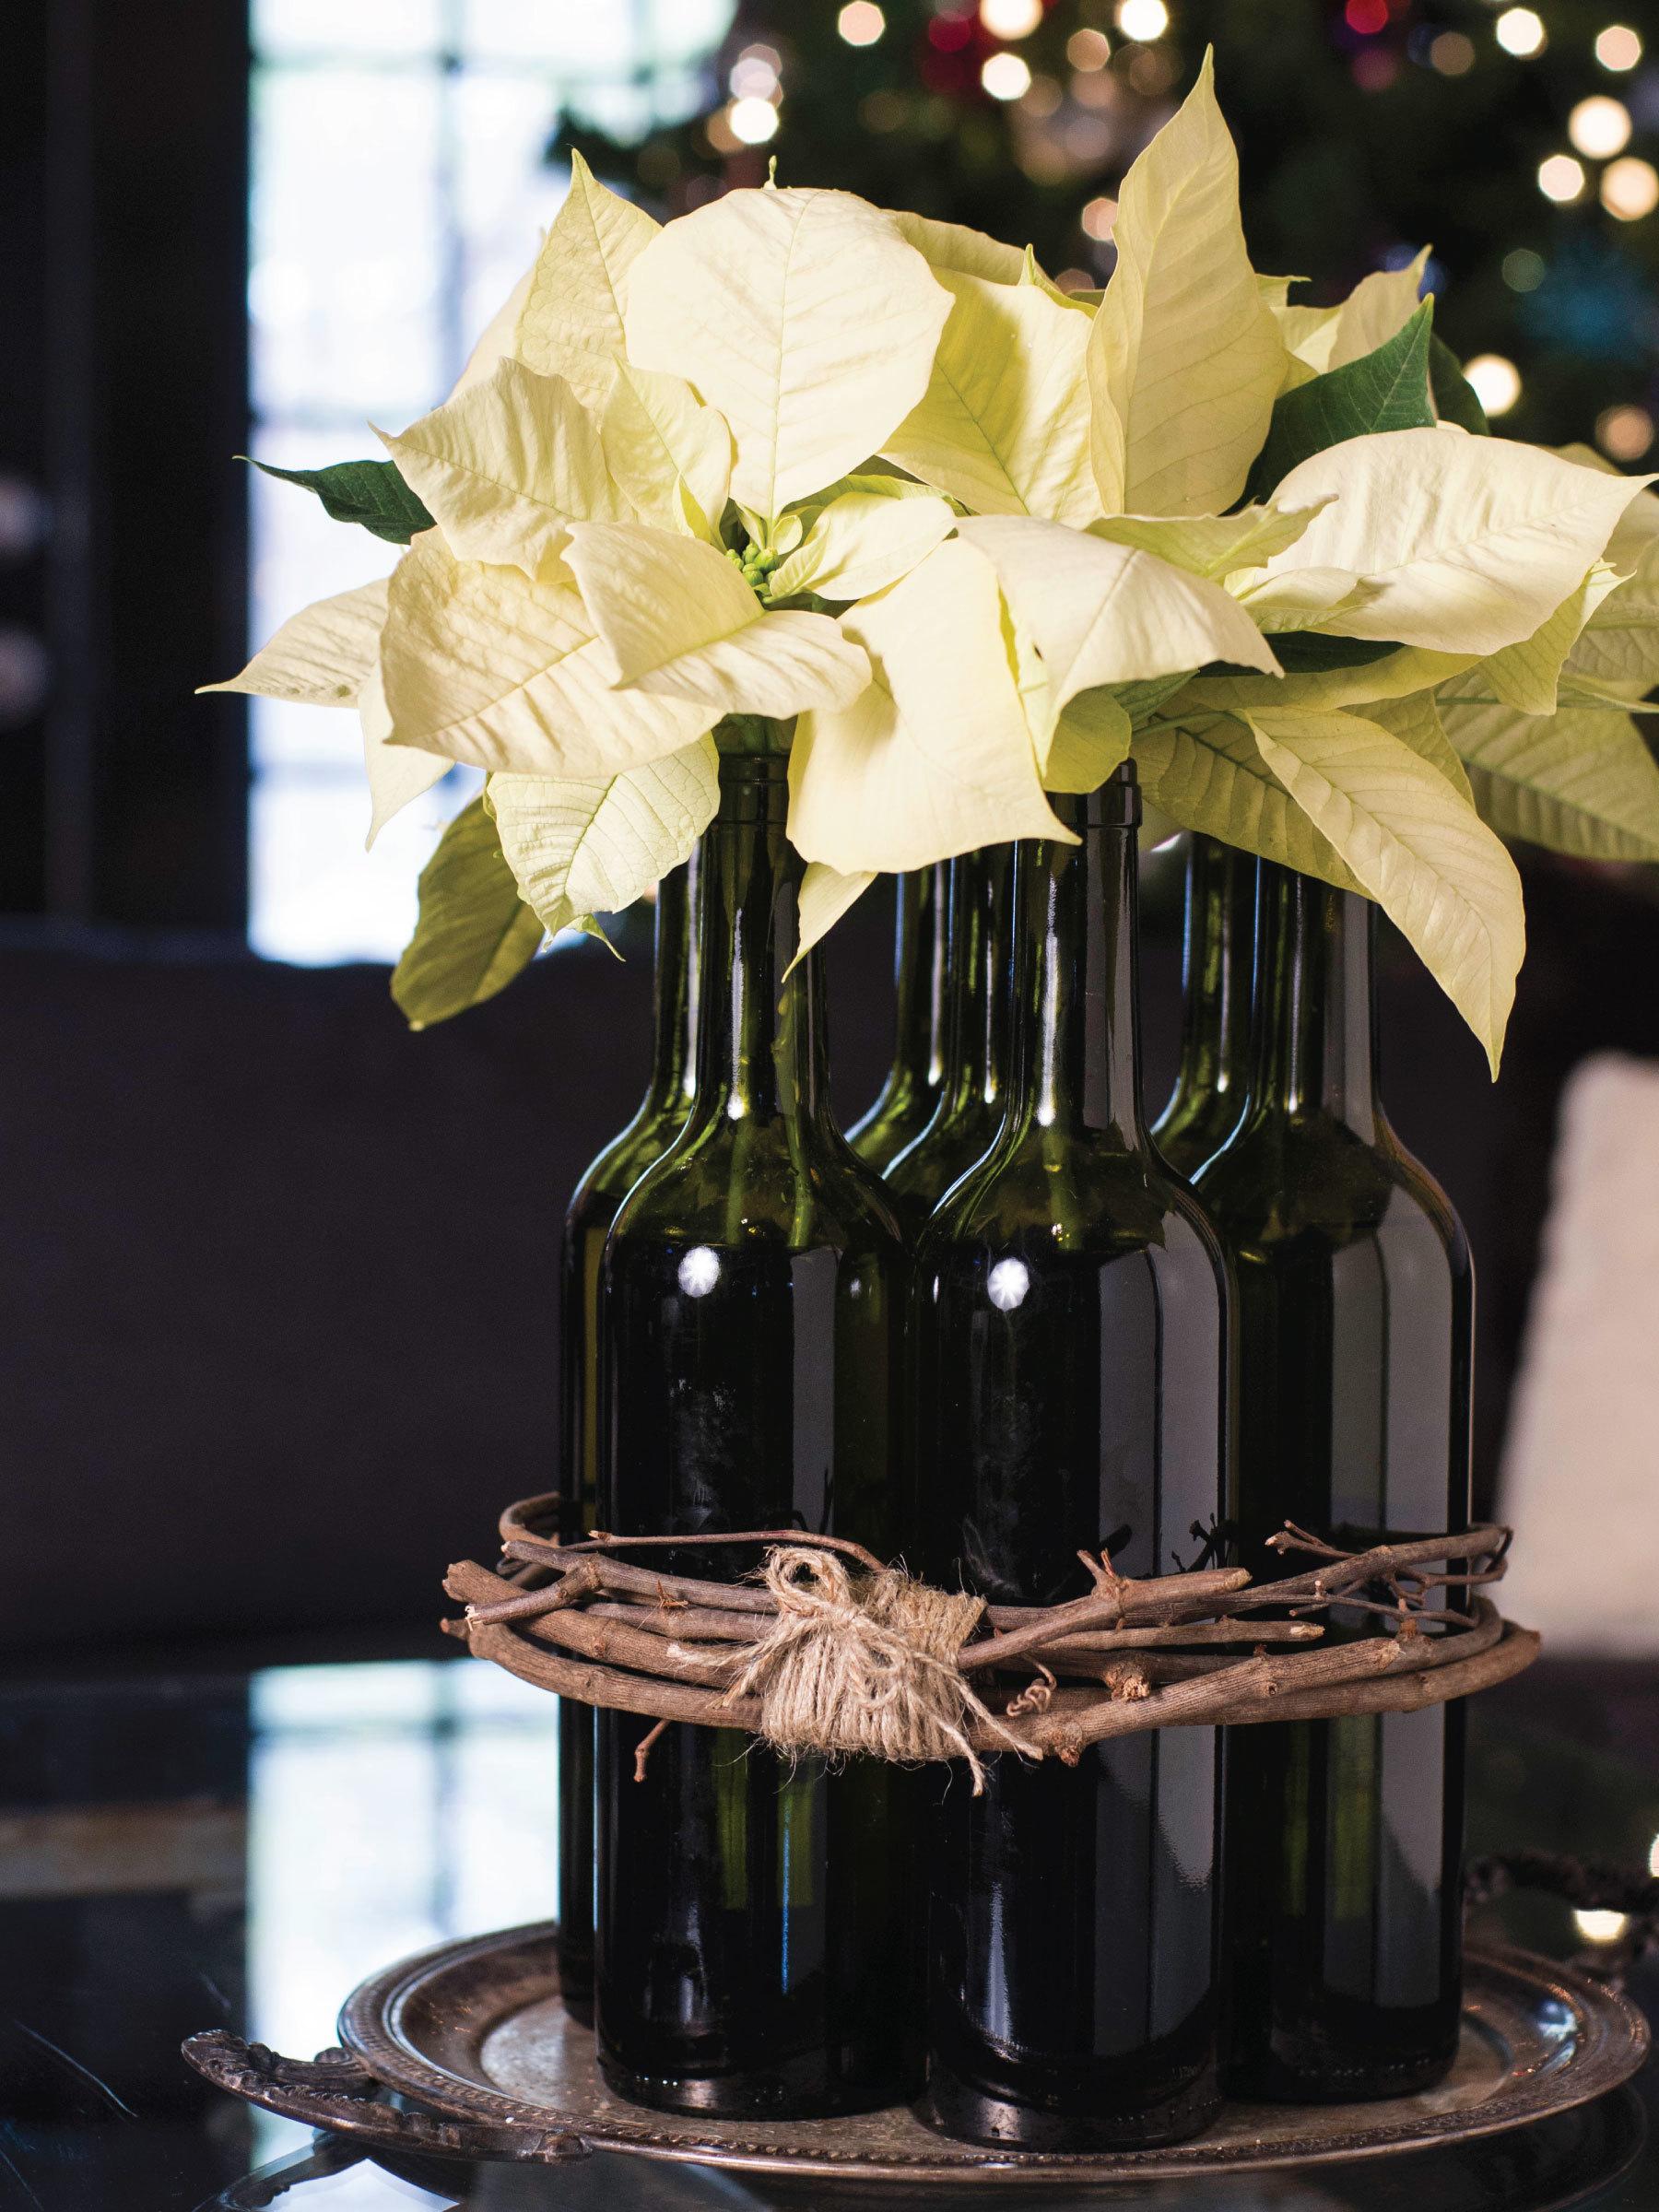 Poinsettia Arrangement by Sam Henderson of Today's Nest for HGTVGardens.